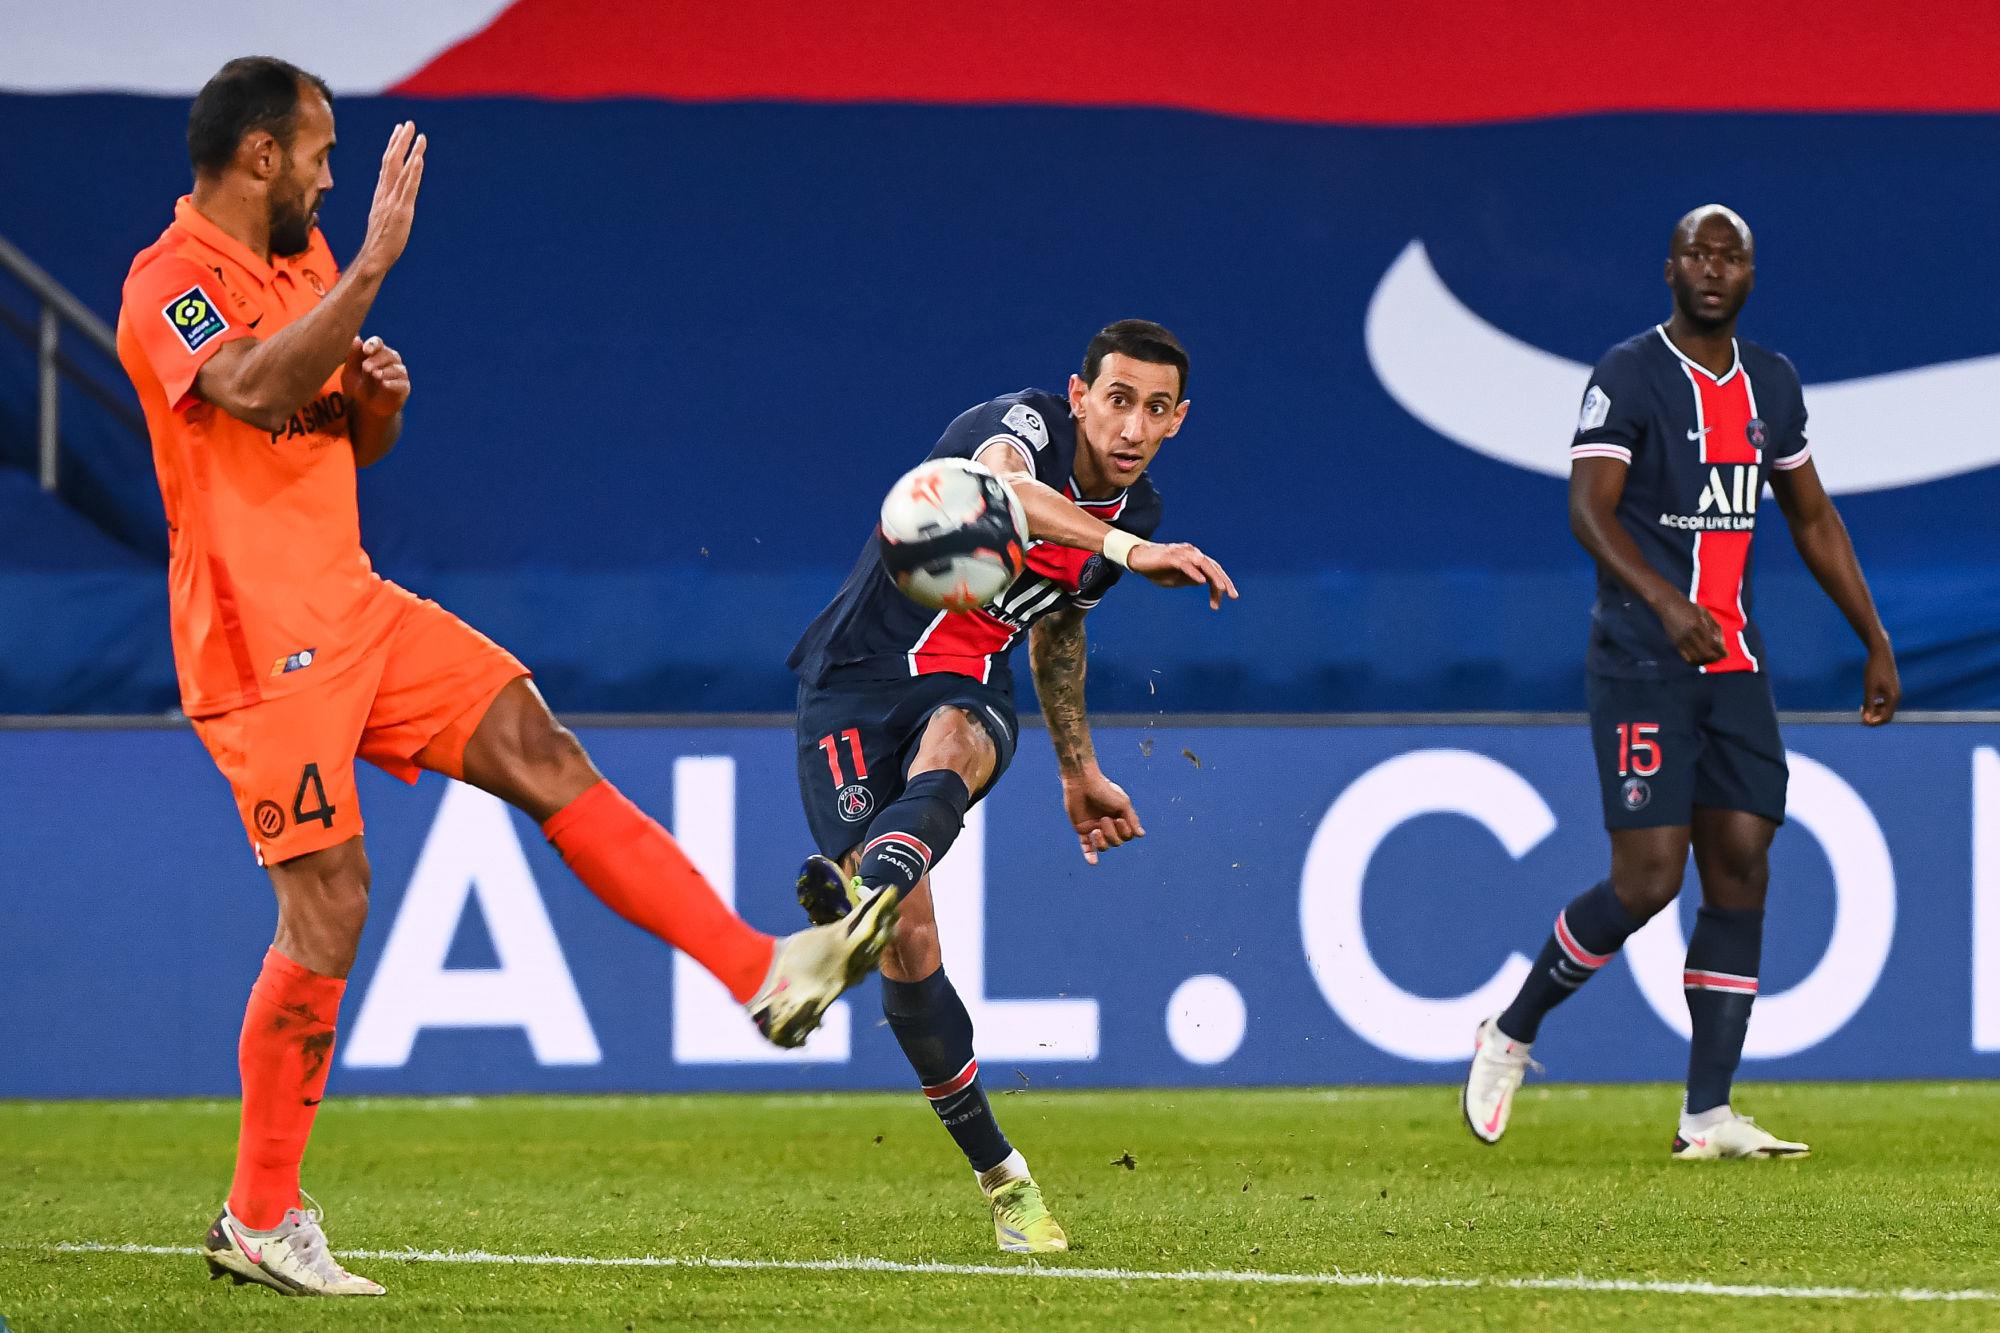 PSG/Montpellier - Di Maria évoque la montée en puissance et Mbappé